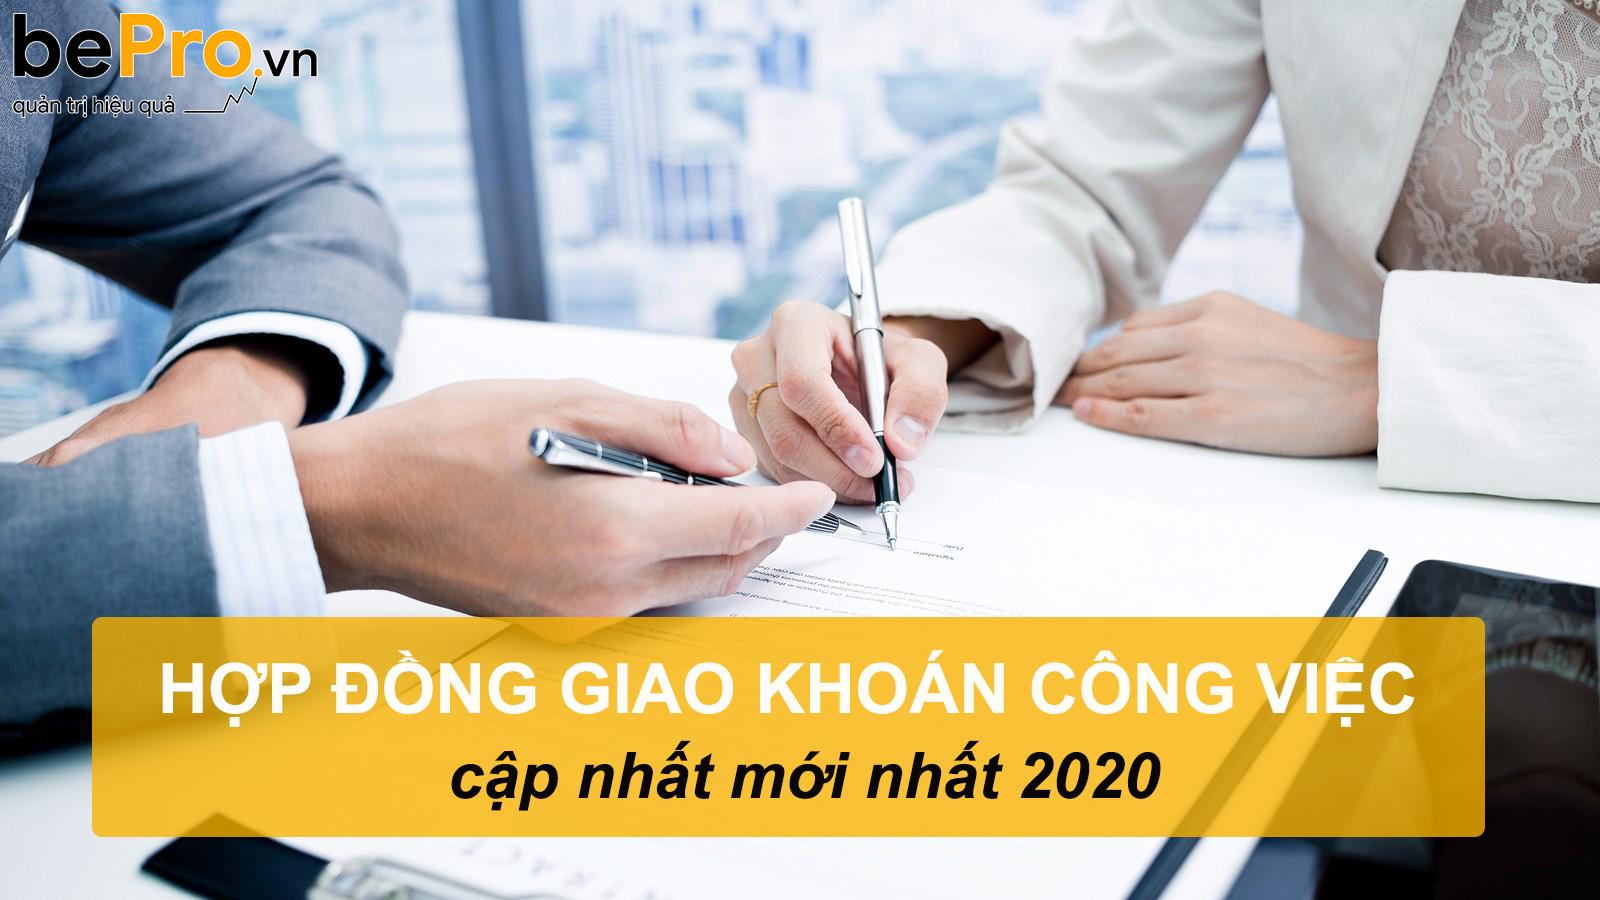 Hợp đồng giao khoán công việc cập nhật mới nhất 2020